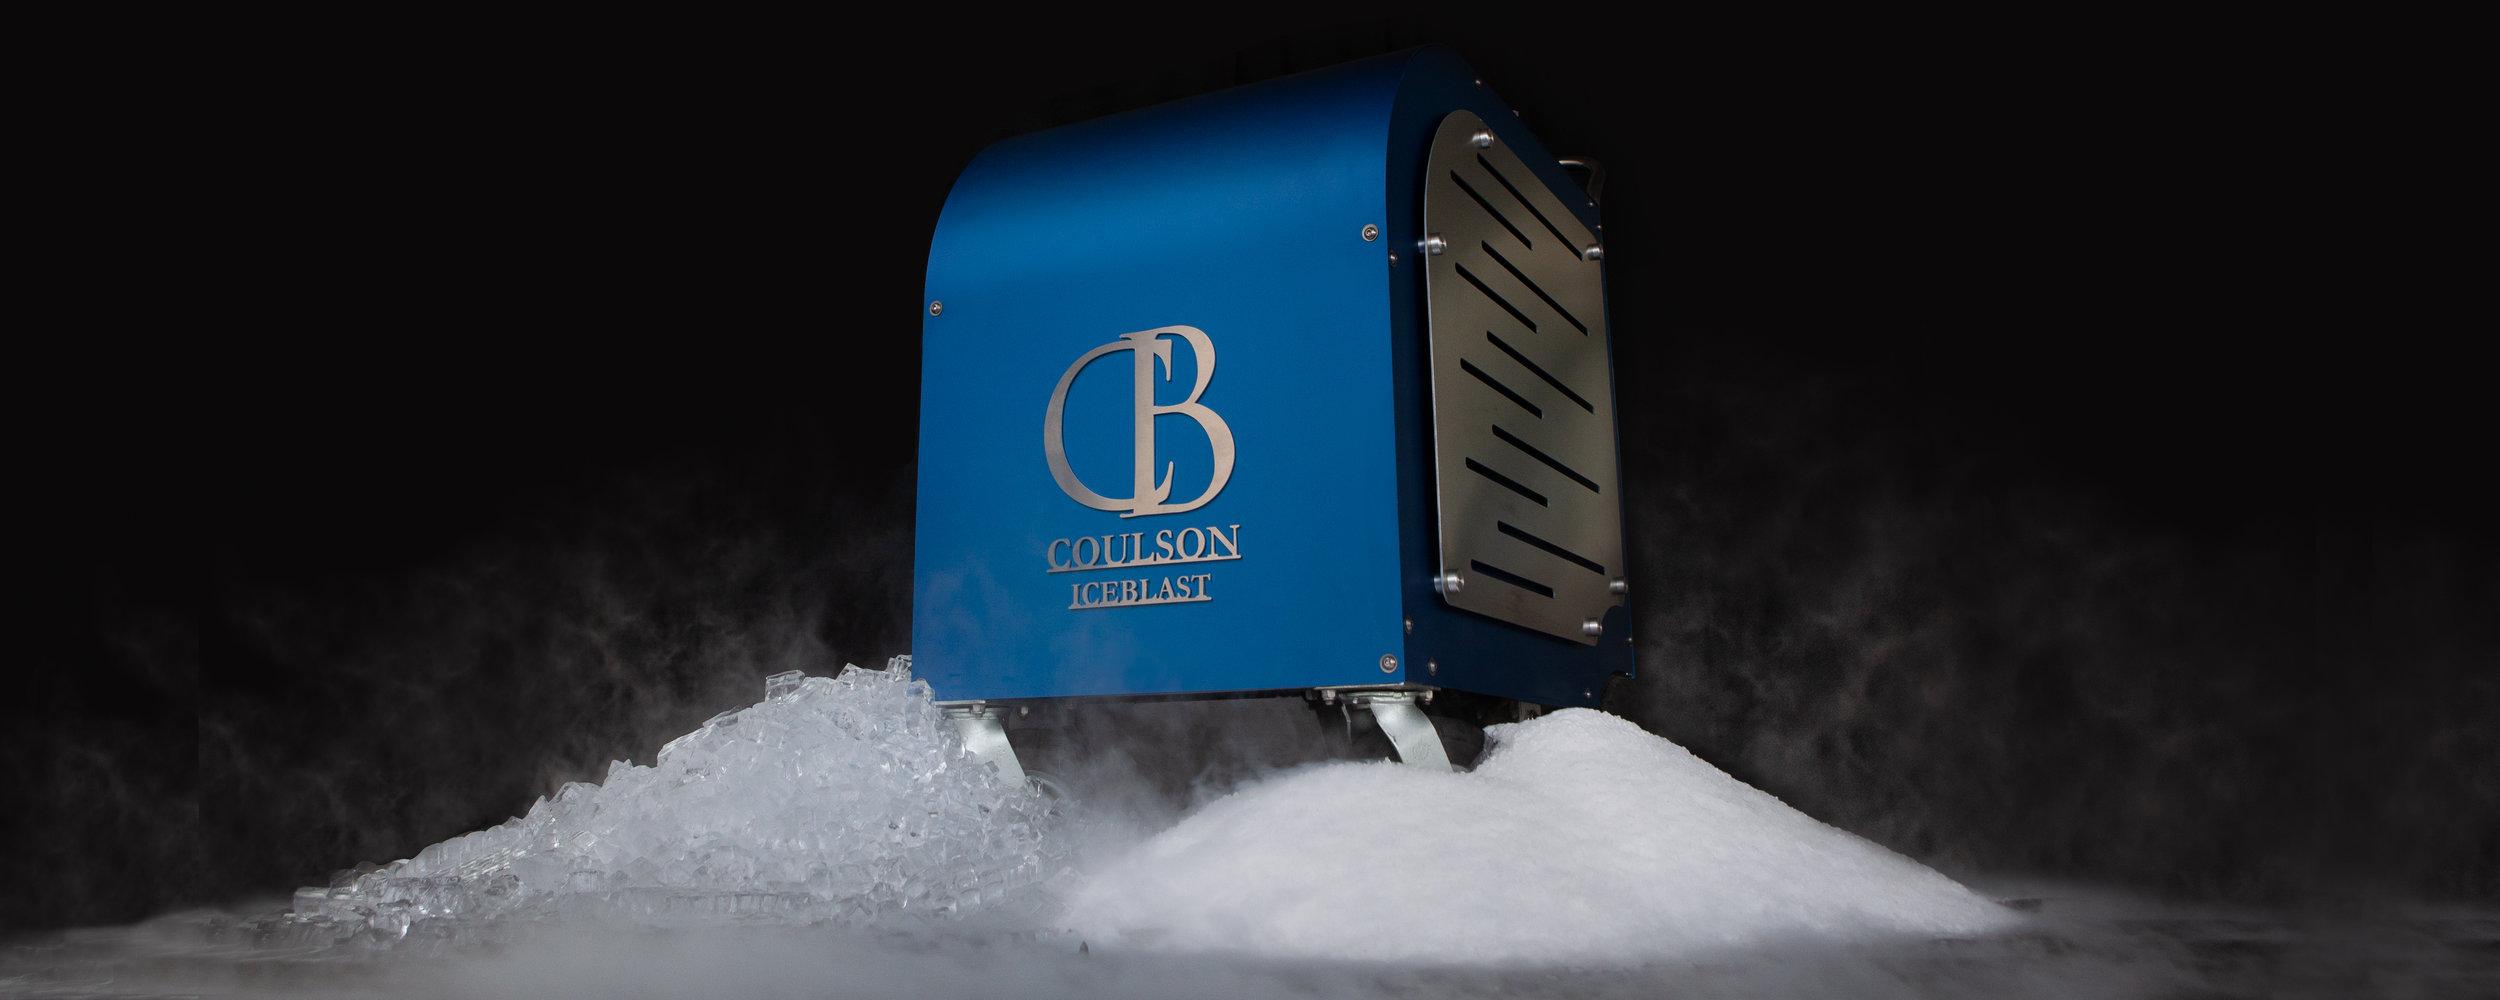 Ice Blasting service NJ